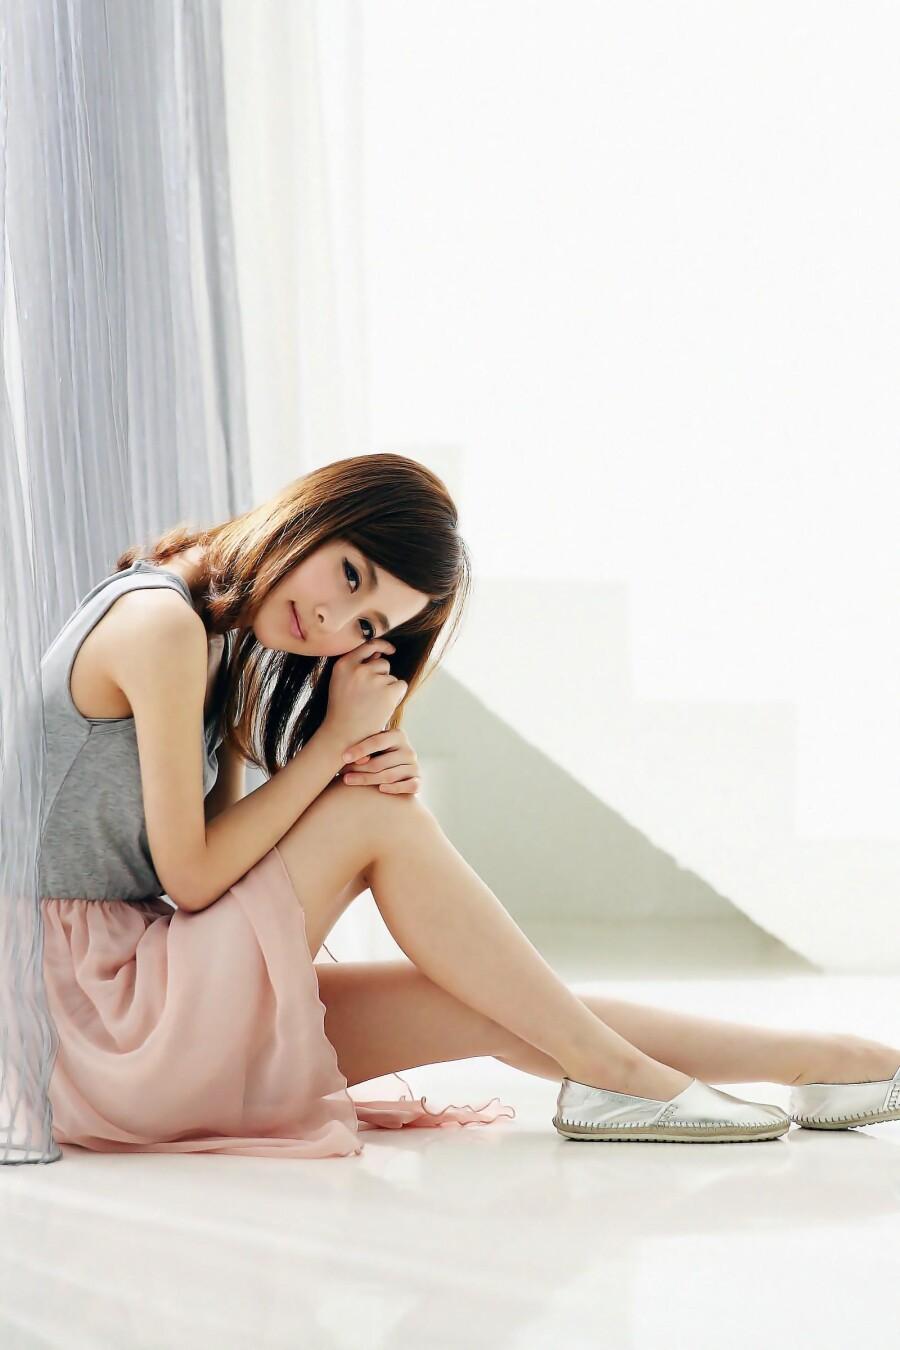 【时尚性感欣赏篇】人见人爱--迷人清纯美女 第34辑 - 浪漫人生 - .